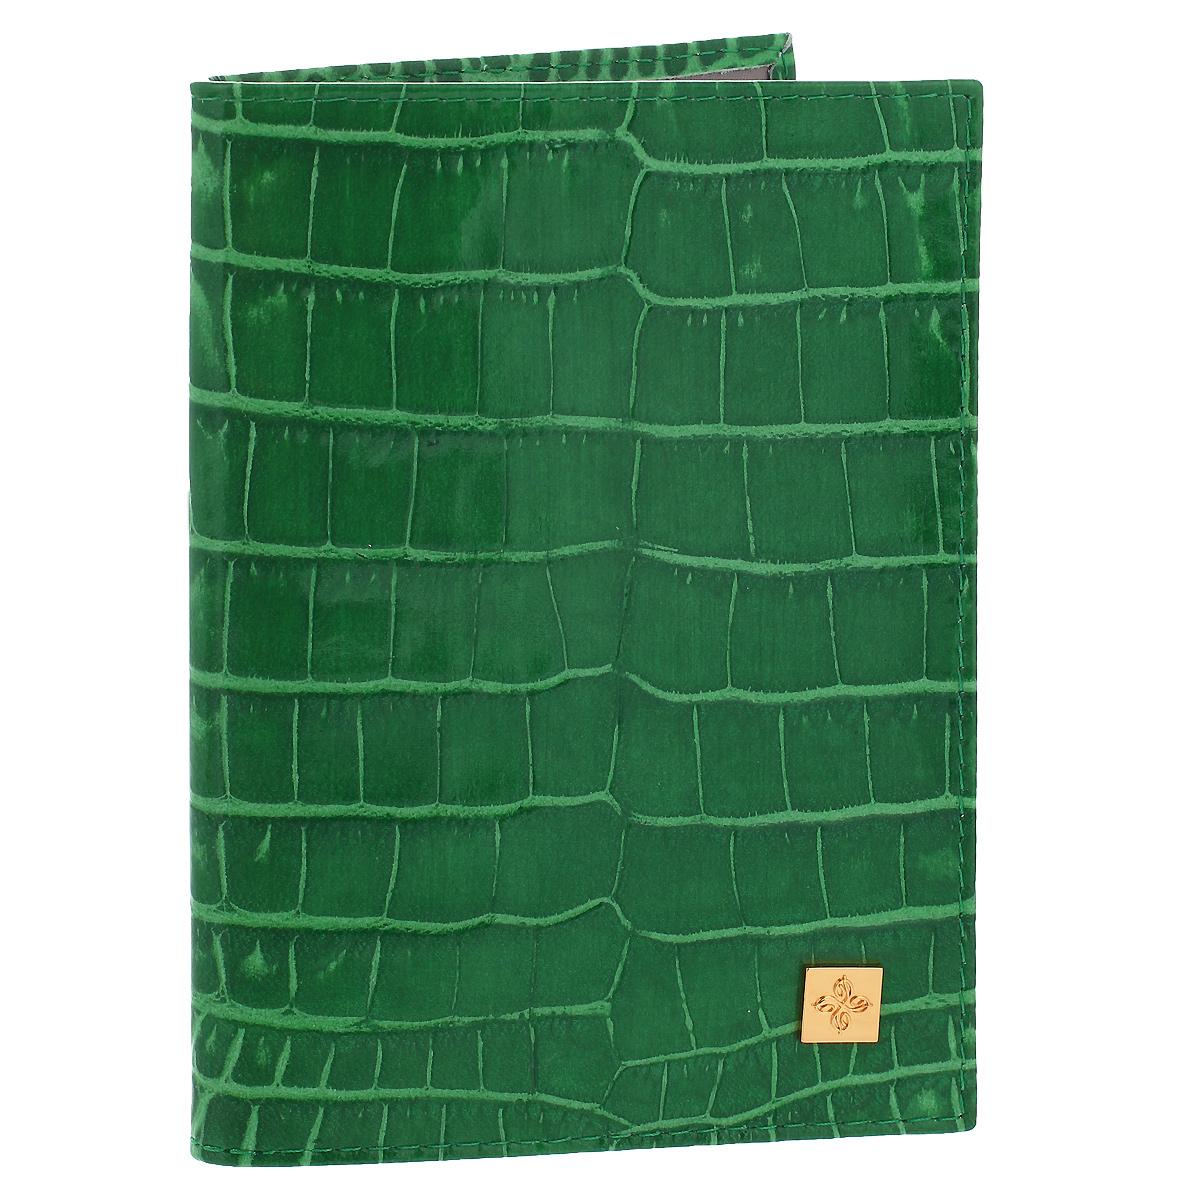 Обложка для паспорта Dimanche Казино, цвет: зеленый. 980980Обложка для паспорта Казино выполнена из натуральной кожи с декоративным тиснением под крокодила. На внутреннем развороте - два кармашка из прозрачного пластика. Обложка не только поможет сохранить внешний вид ваших документов и защитит их от повреждений, но и станет стильным аксессуаром, который подчеркнет ваш неповторимый стиль.Обложка упакована в коробку из плотного картона с логотипом фирмы. Характеристики:Материал: натуральная кожа, ПВХ. Цвет: зеленый Размер обложки: 9,5 см х 13,5 см х 1,5 см.